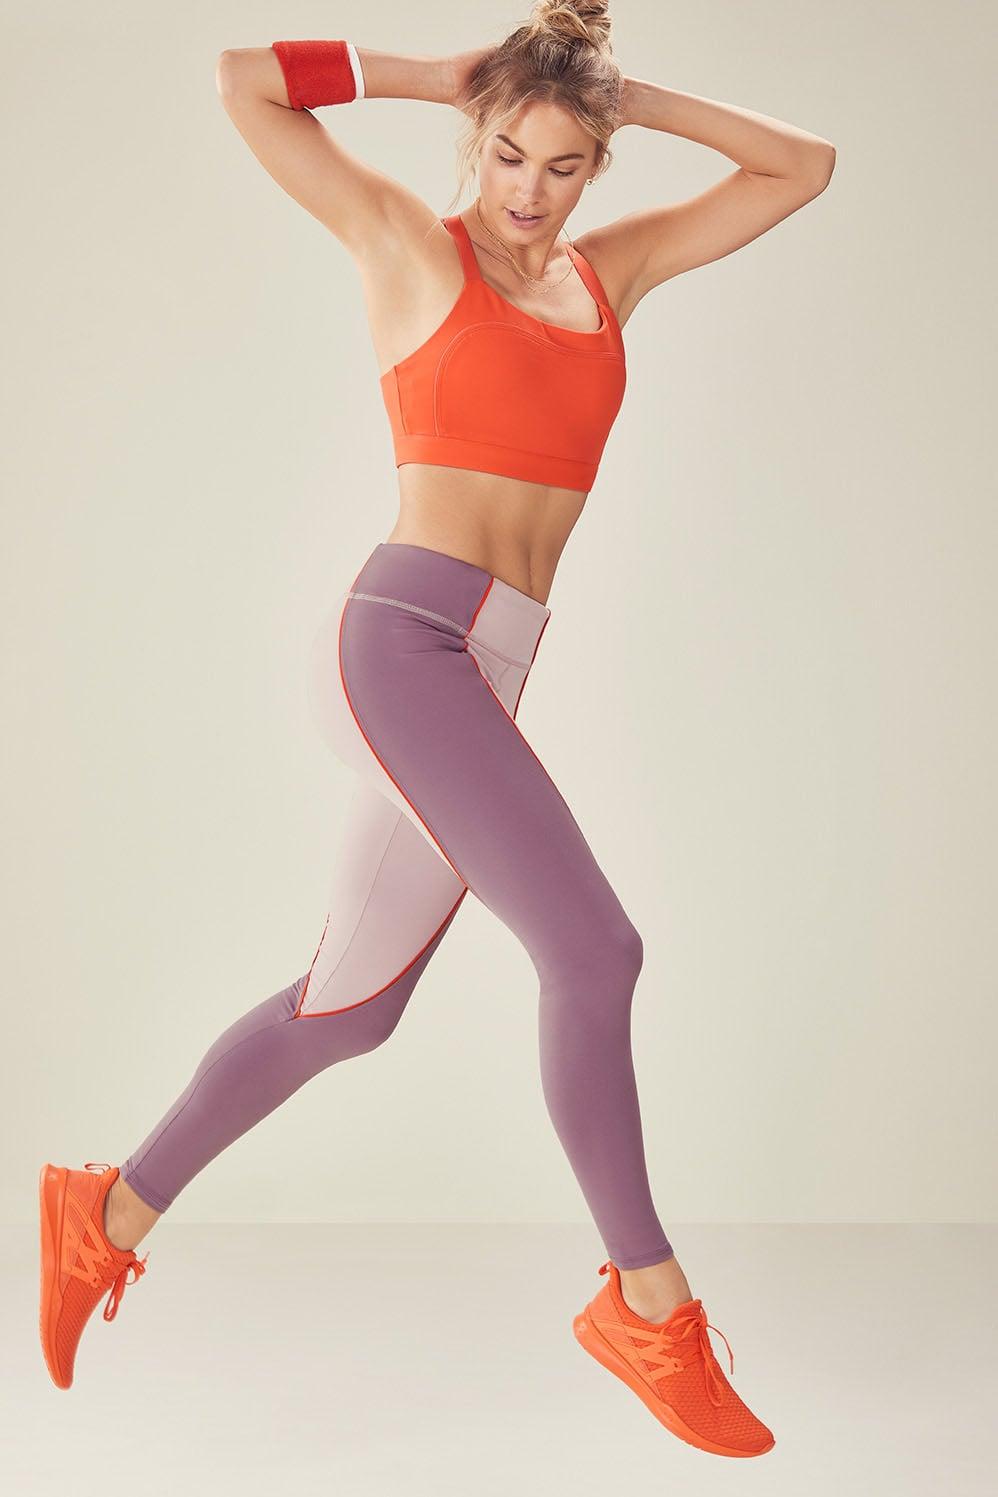 cf5c821e77ce8 Why Fabletics Leggings Are the World's Best Leggings | POPSUGAR Fitness